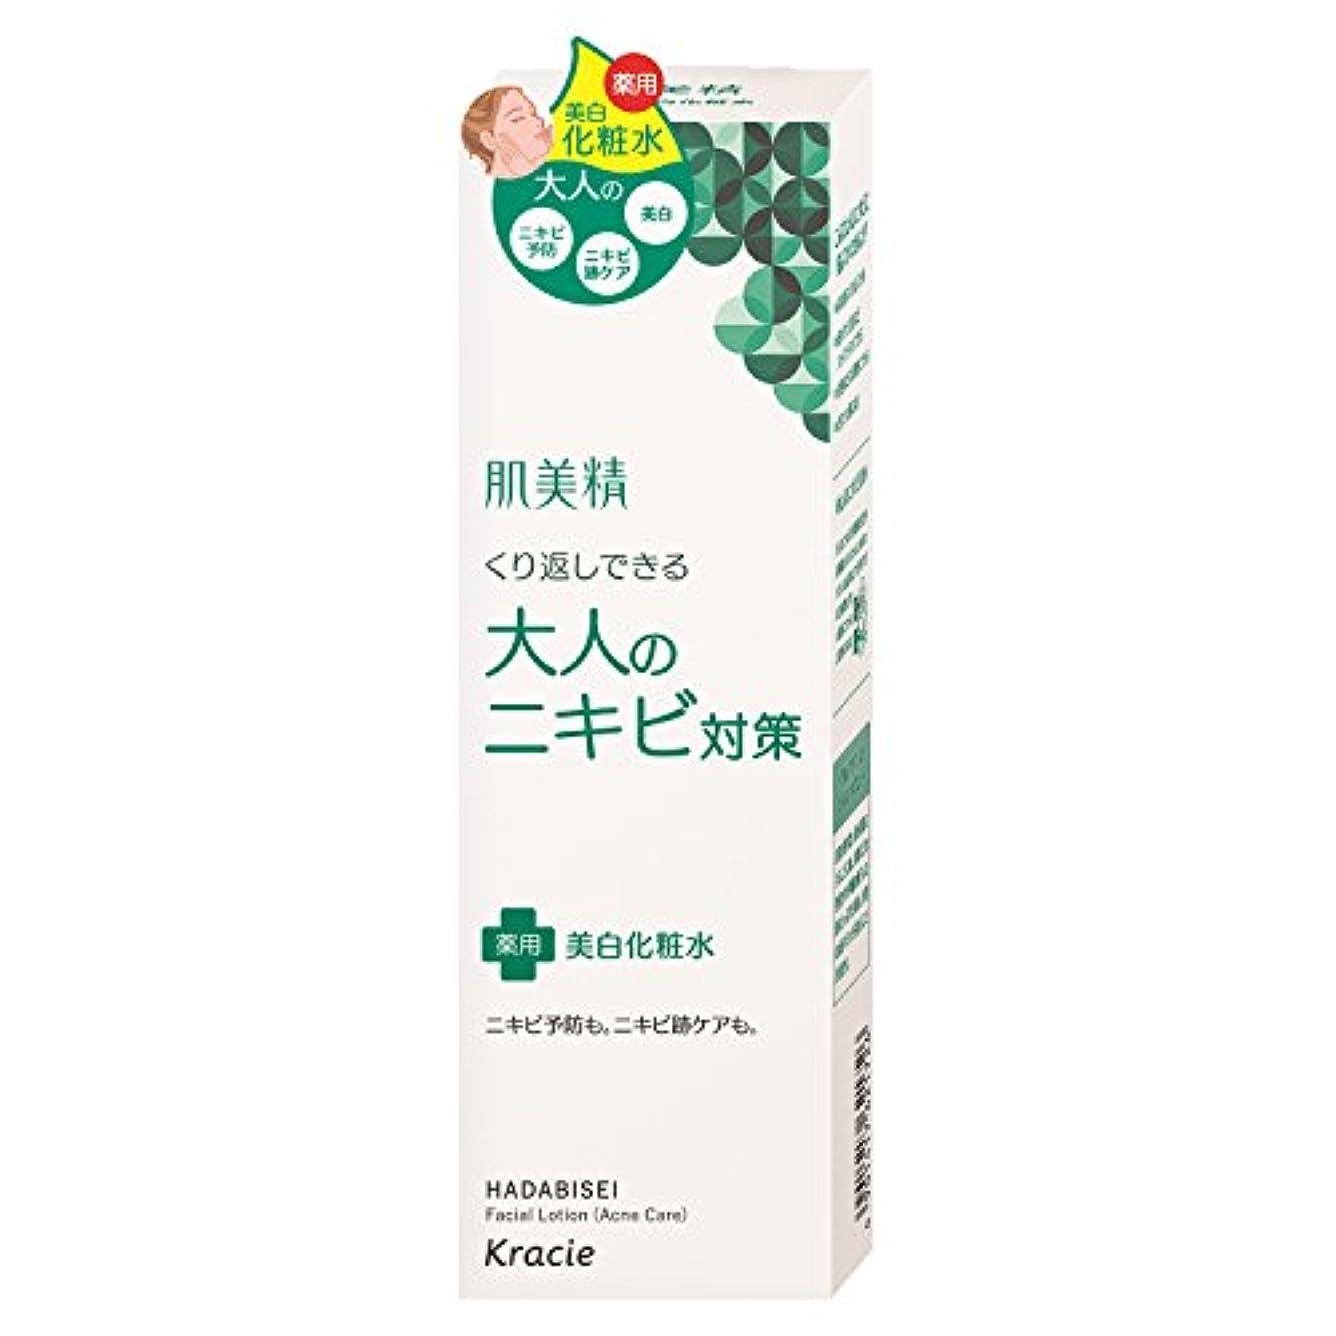 フォルダ留まるマネージャー肌美精 大人のニキビ対策 薬用美白化粧水 200mL (医薬部外品)